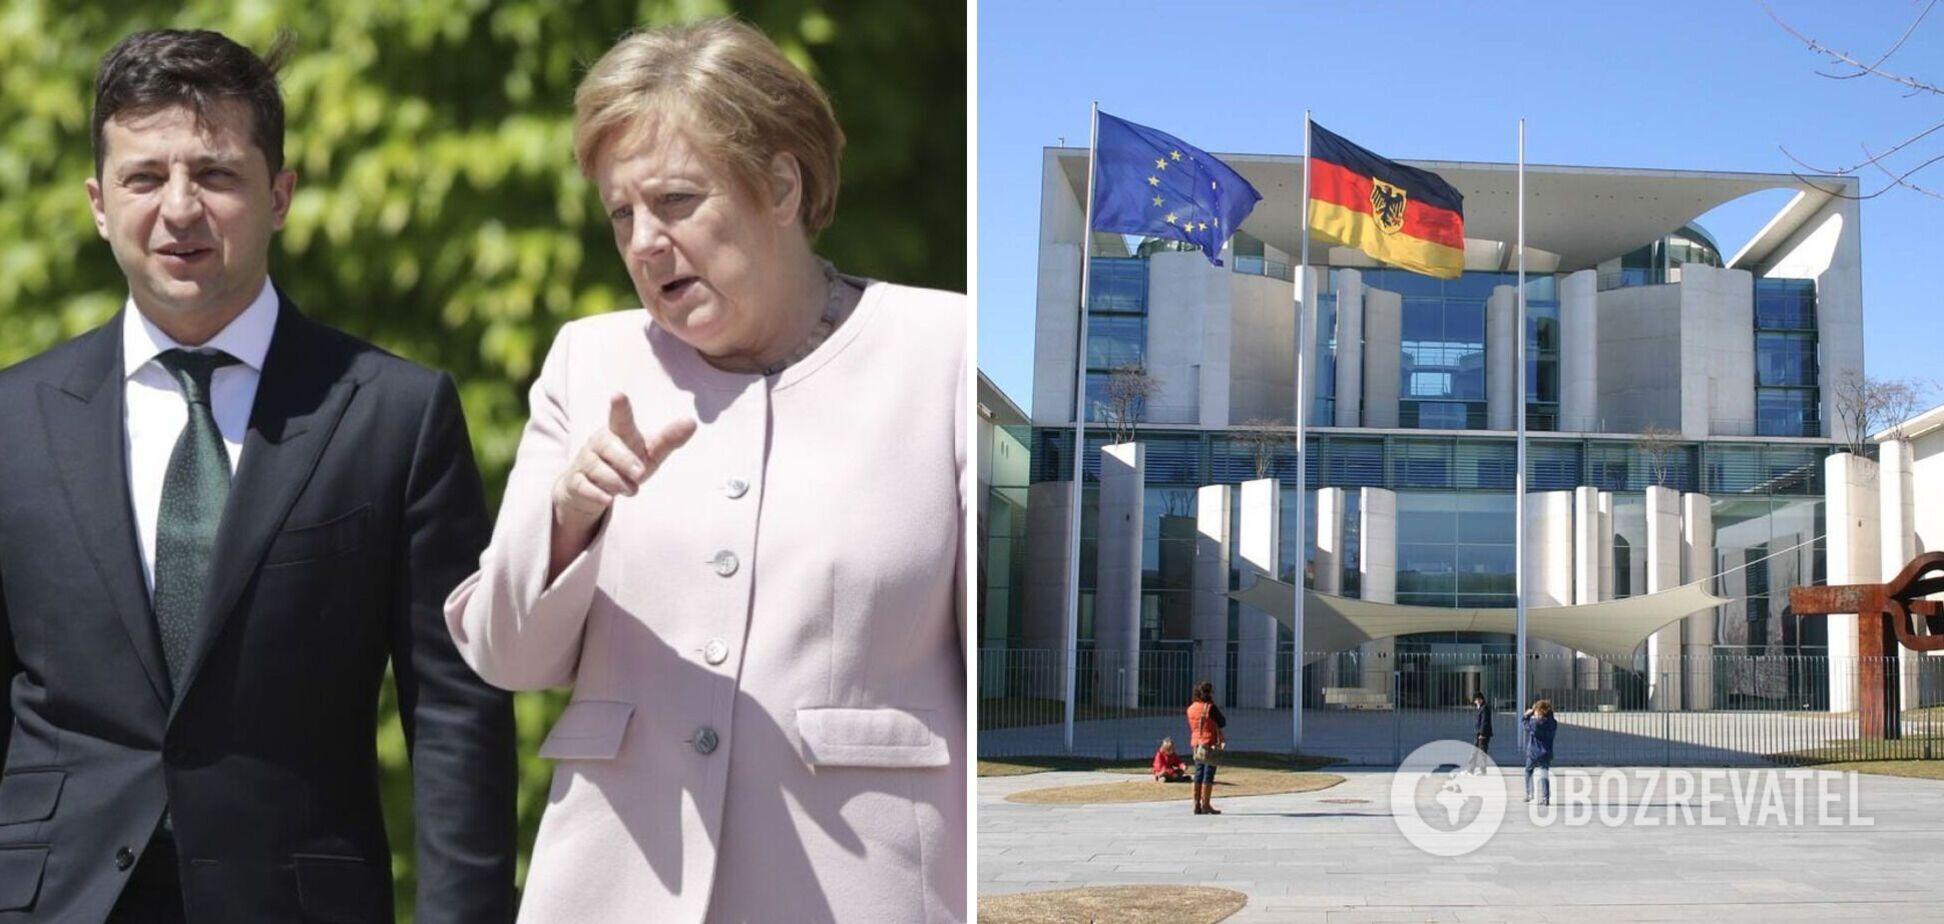 В Берлине Зеленский и Меркель выступили с заявлениями о 'Северном потоке-2' и Донбассе. Фото и видео